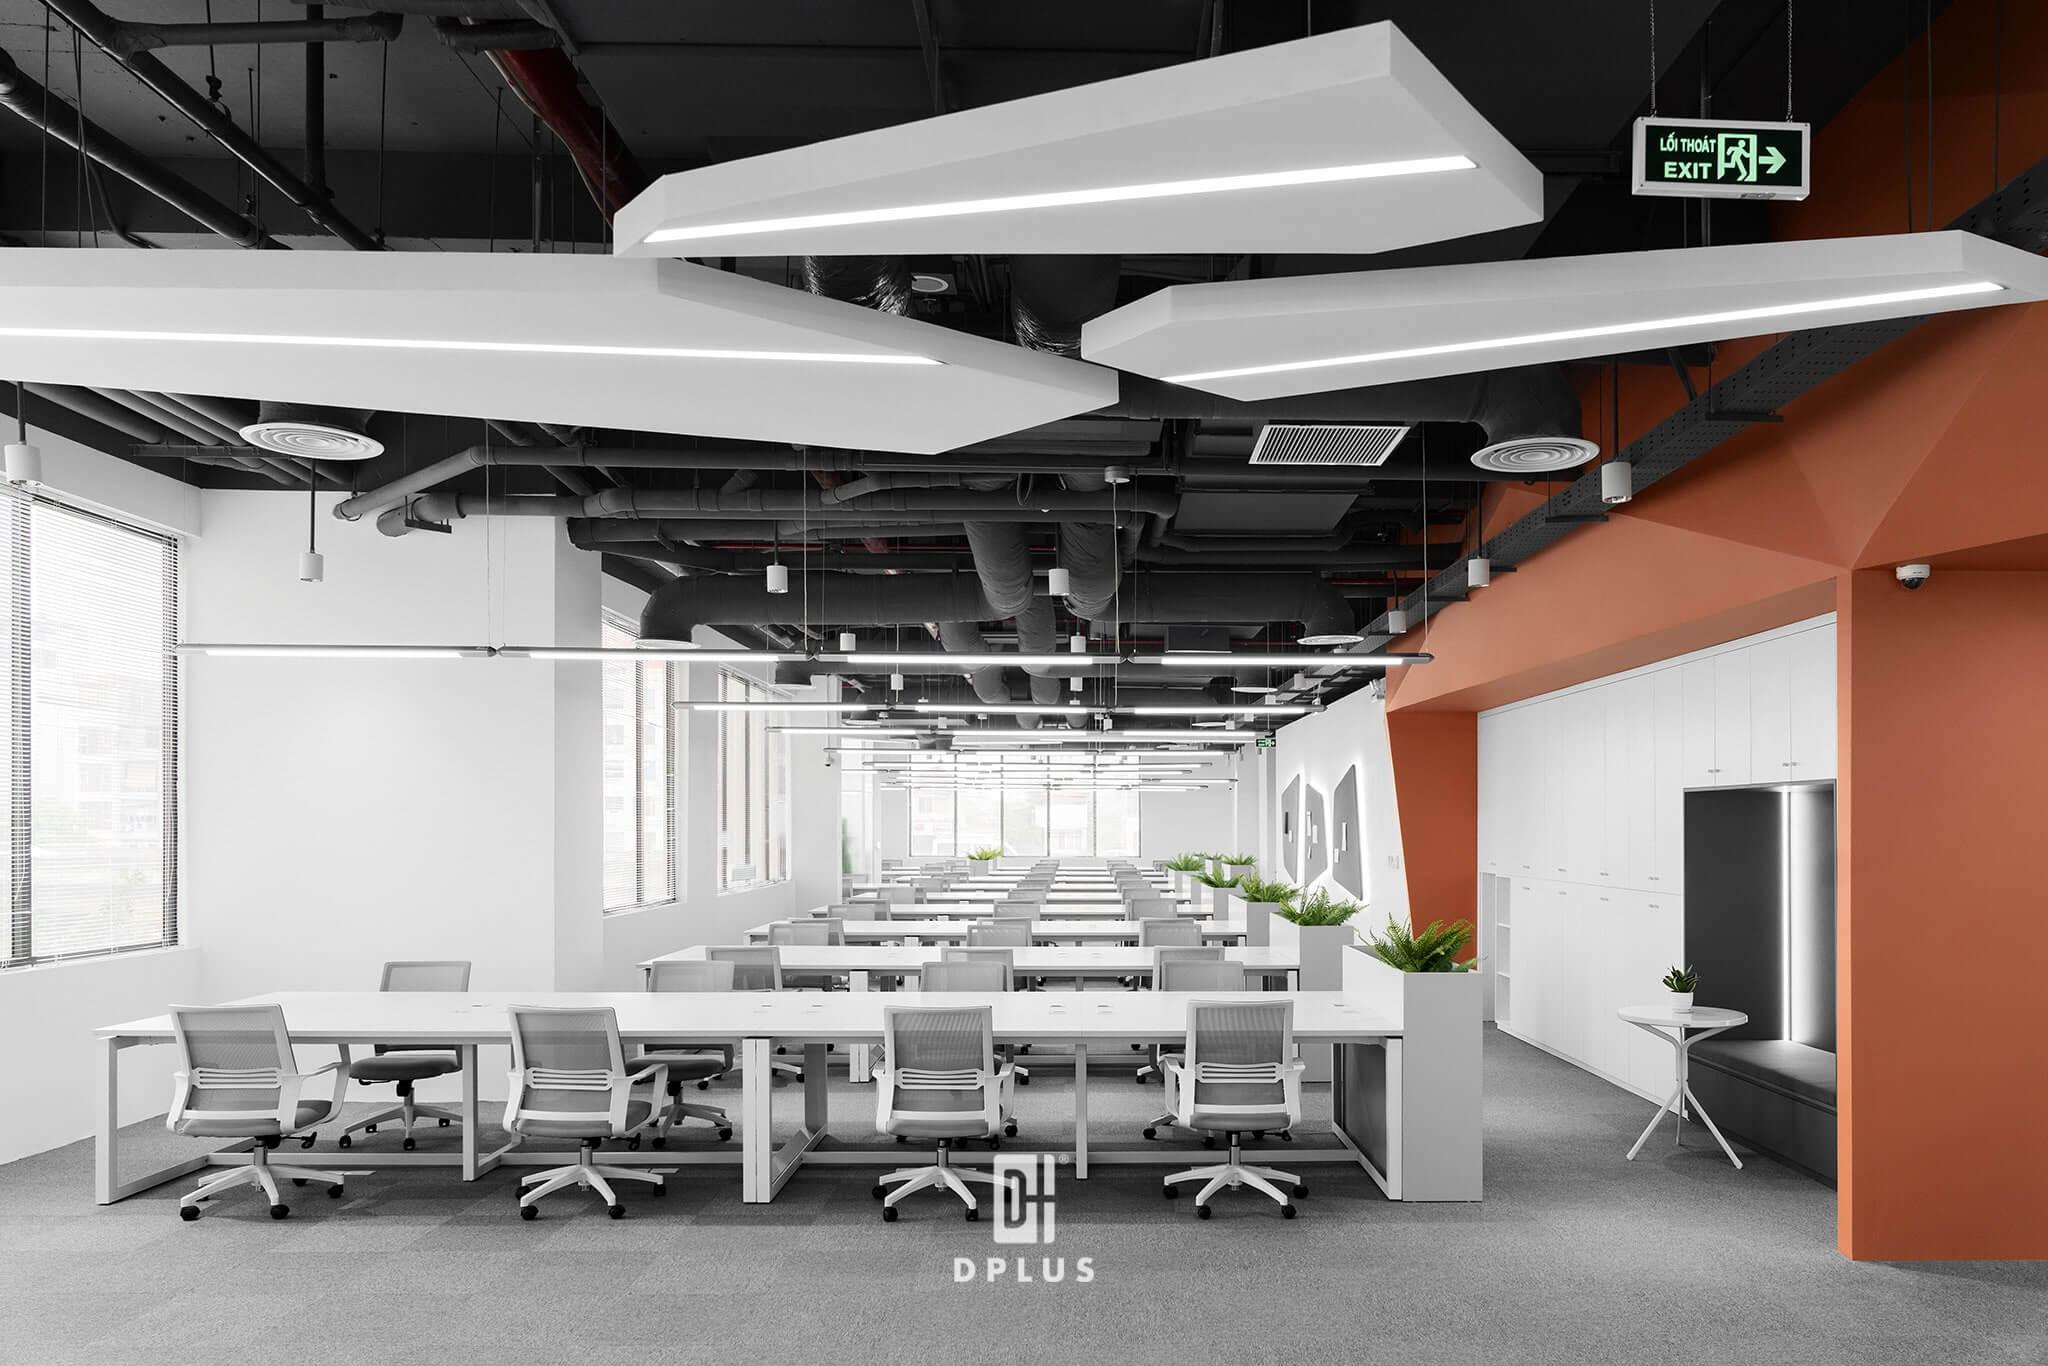 Diện tích văn phòng ảnh hưởng đến báo giá thiết kế